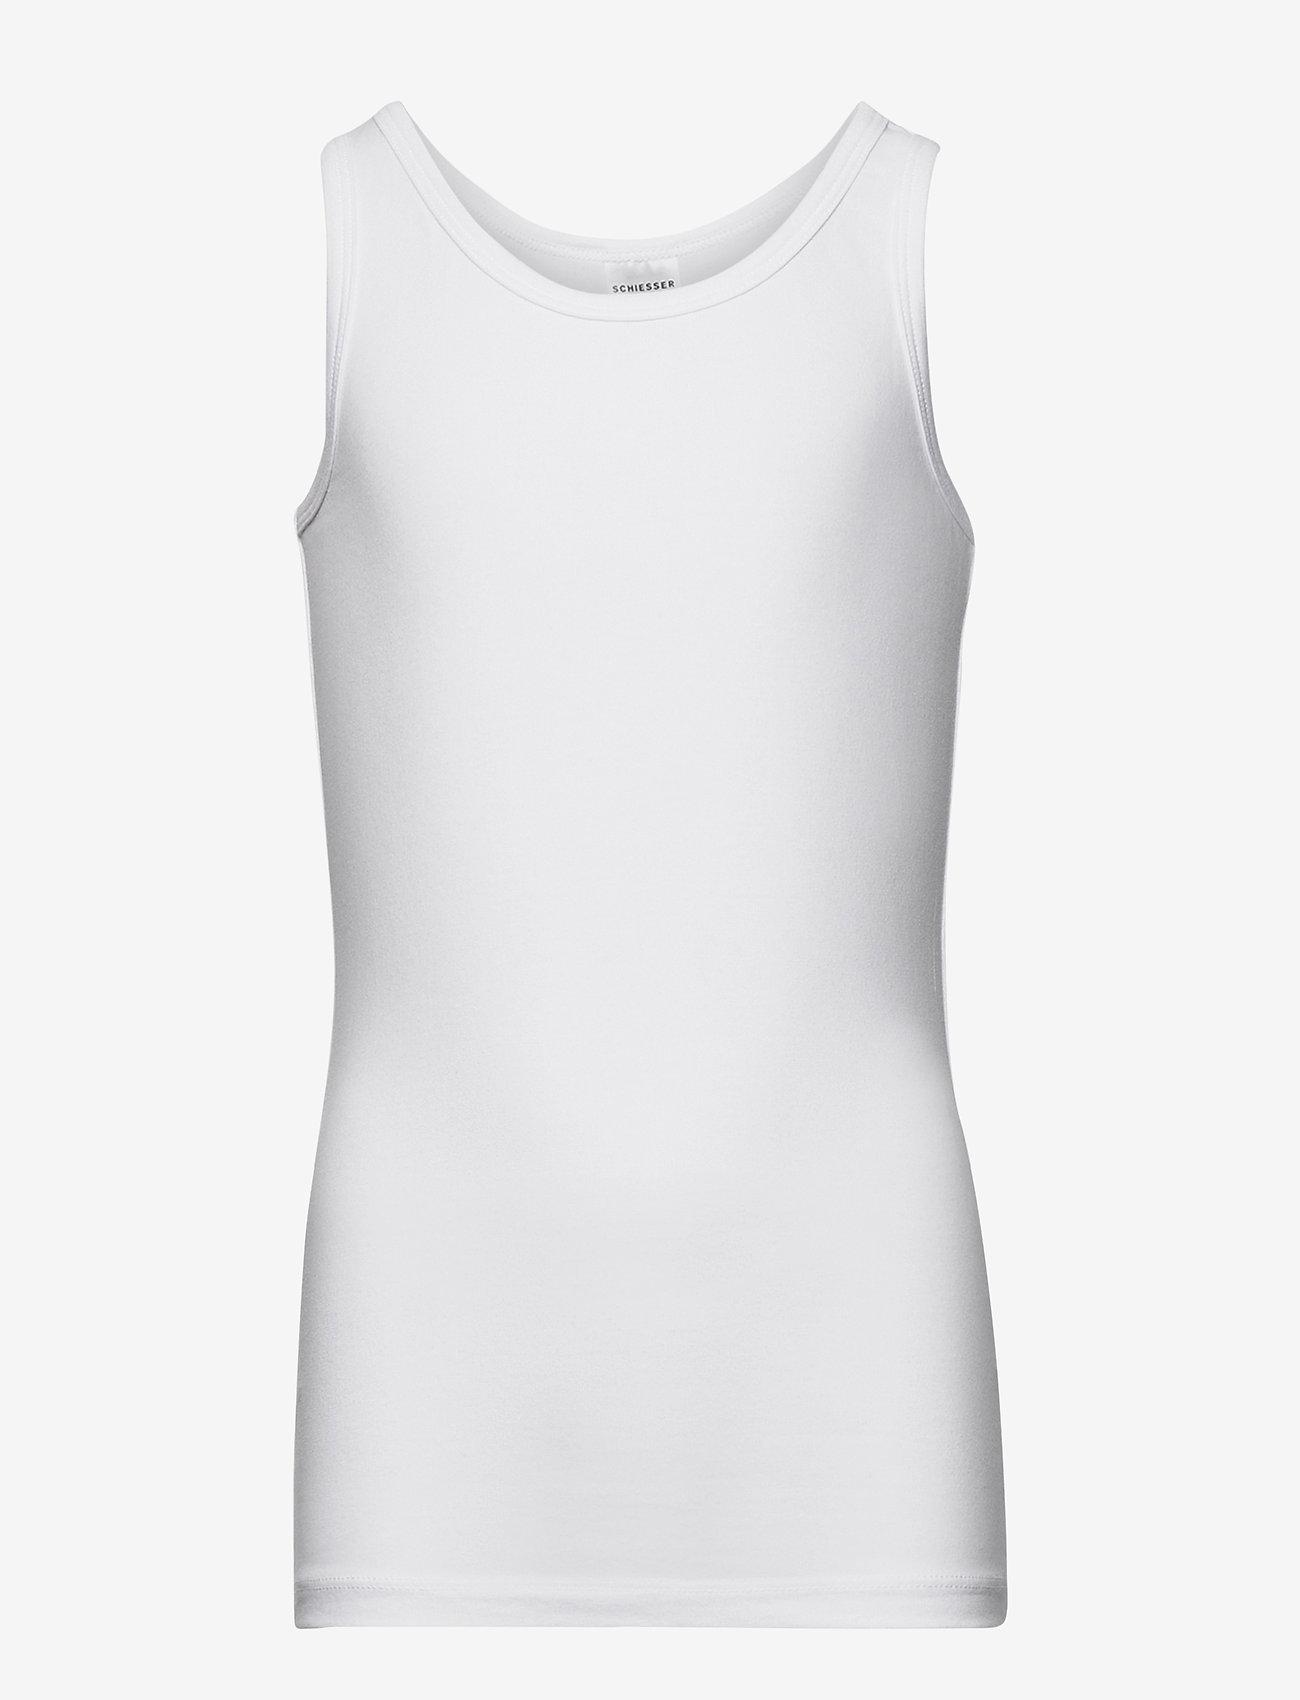 Schiesser - Shirt 0/0 - Ärmellose - white - 0